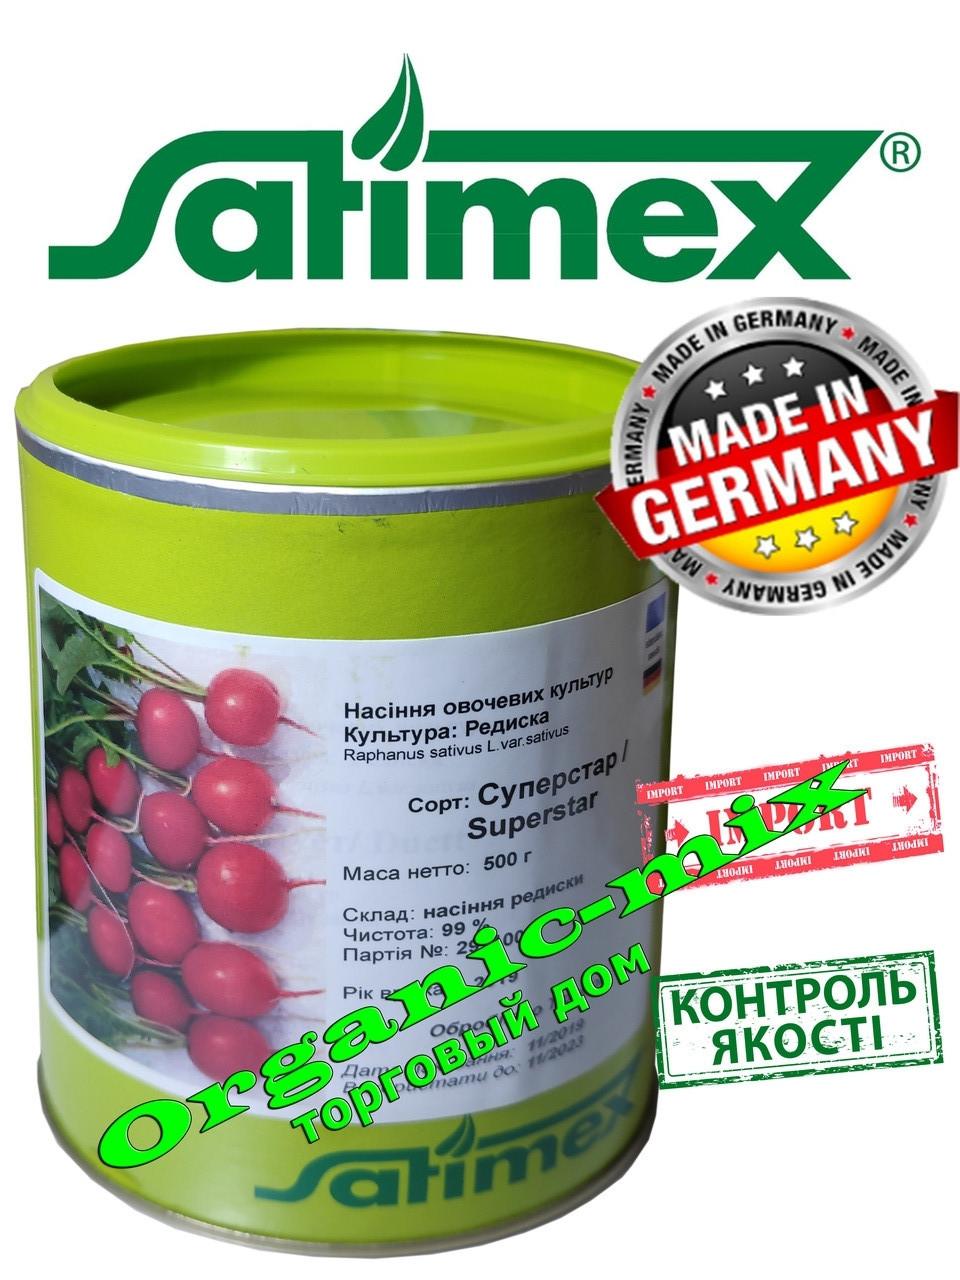 Семена, редис Суперстар (ультраранний) 500 грамм банка, Satimex (Германия).